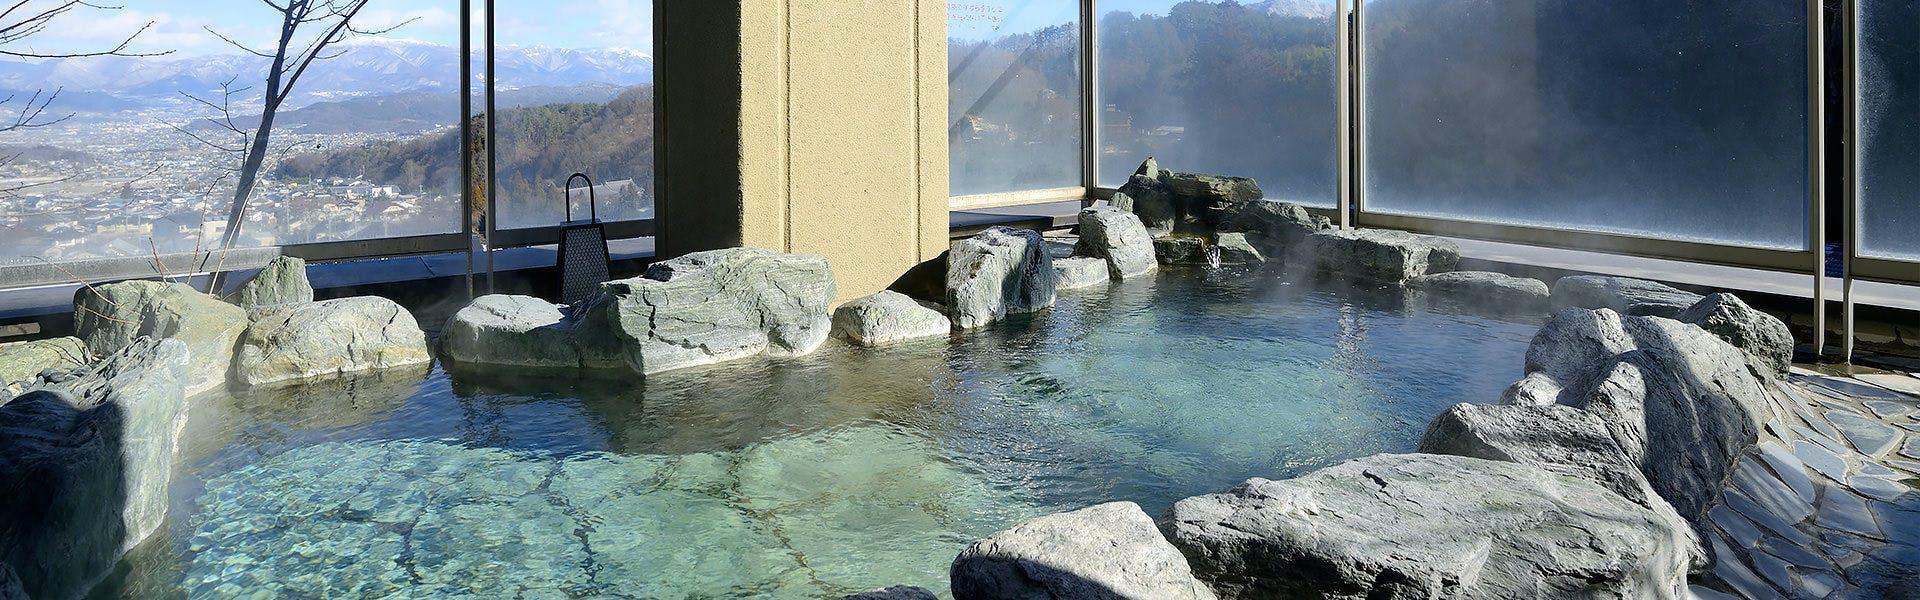 【別所温泉でおすすめの宿】いま一休で最も売れている宿をご紹介。最上のひとときを - 一休.com